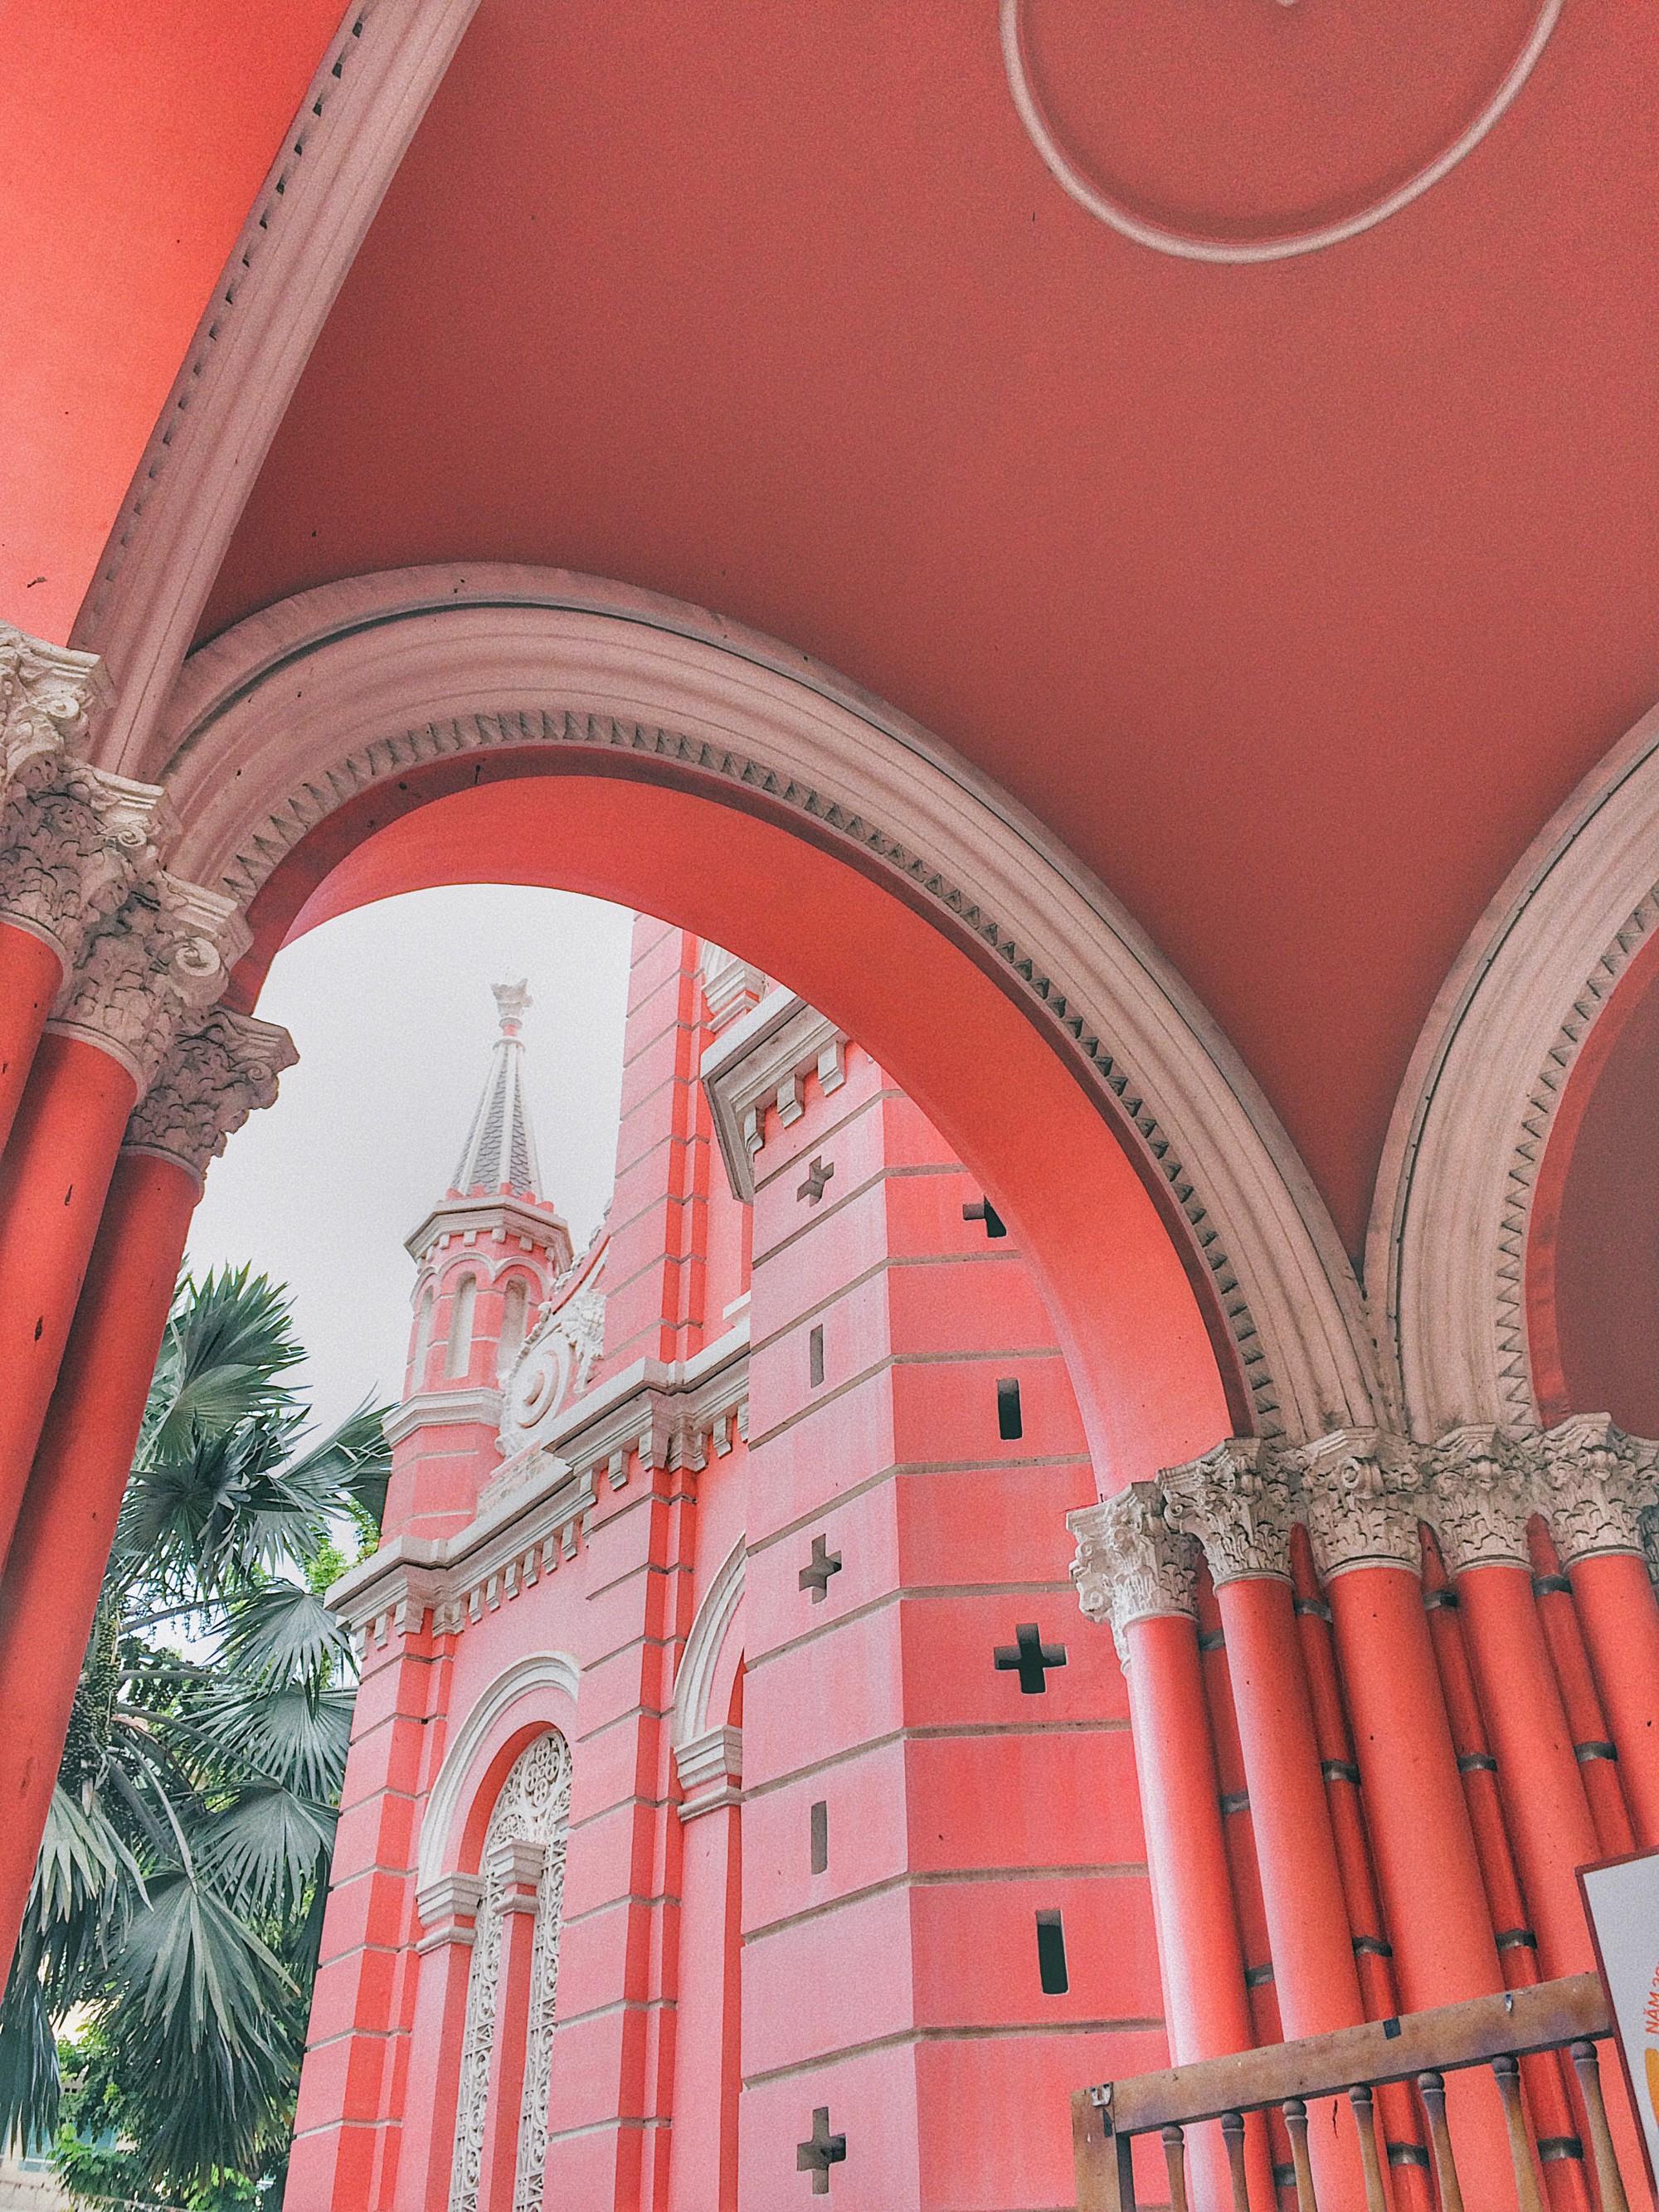 Vẻ đẹp của nhà thờ màu hồng nằm giữa lòng Sài Gòn khiến du khách mê mẩn - Ảnh 6.